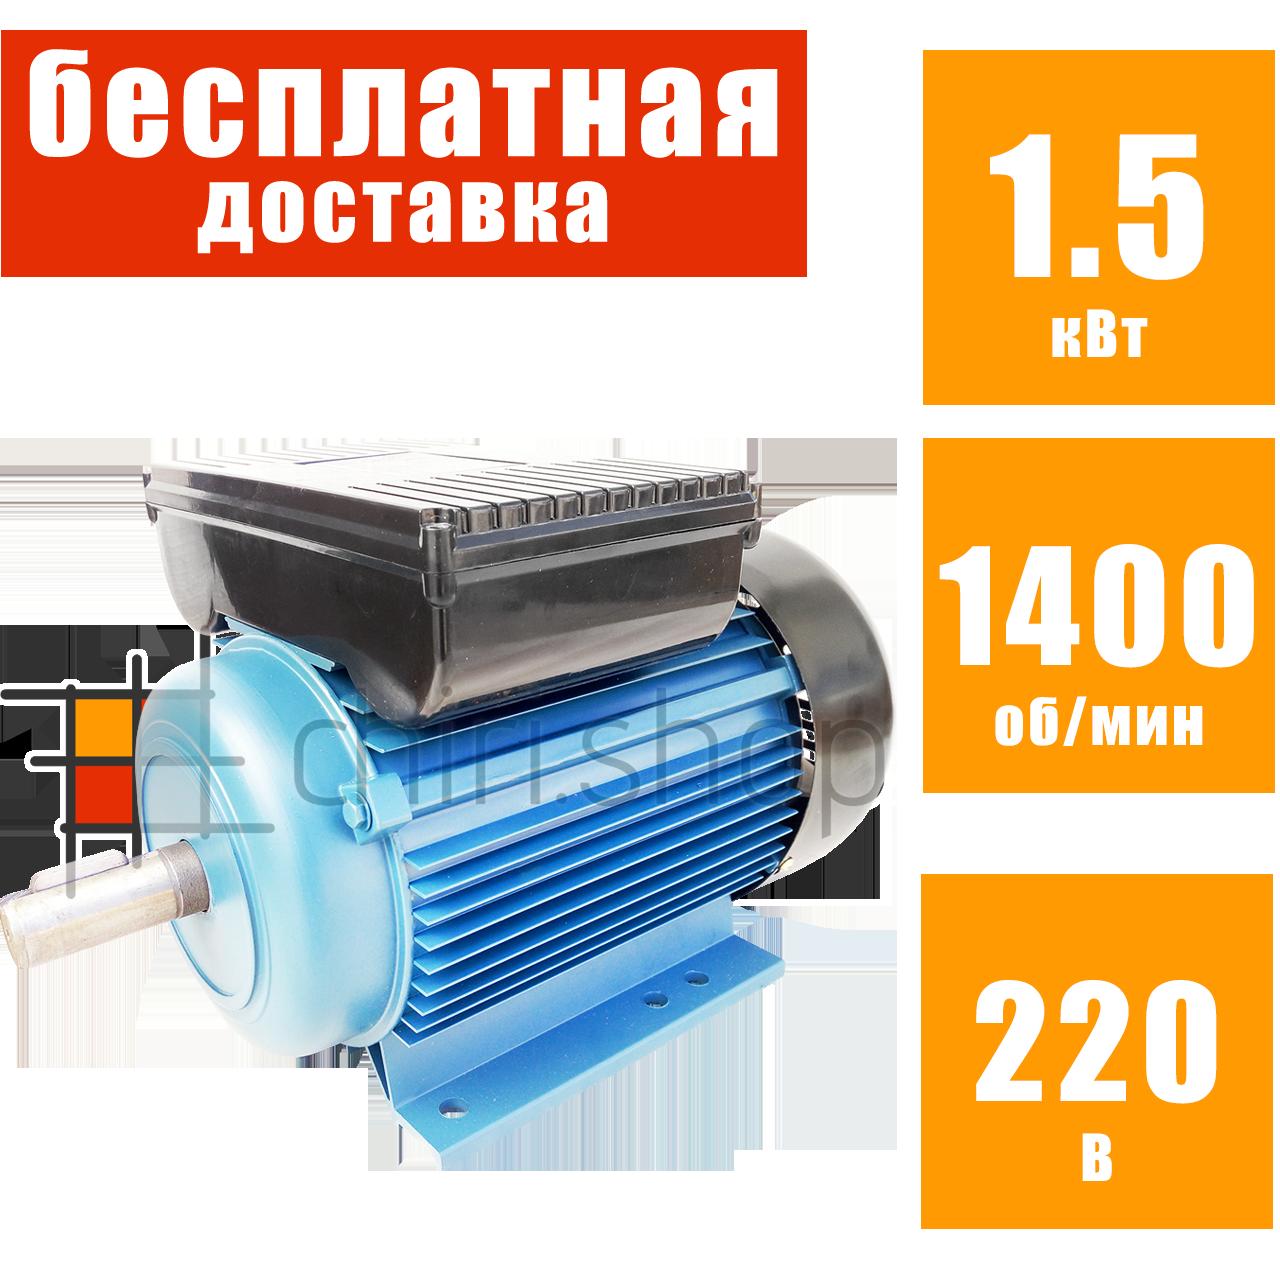 Электродвигатель 1.5 кВт 1400 об/мин 220 В Eurotec AT 127 однофазный электродвигатель переменного тока 1500 об